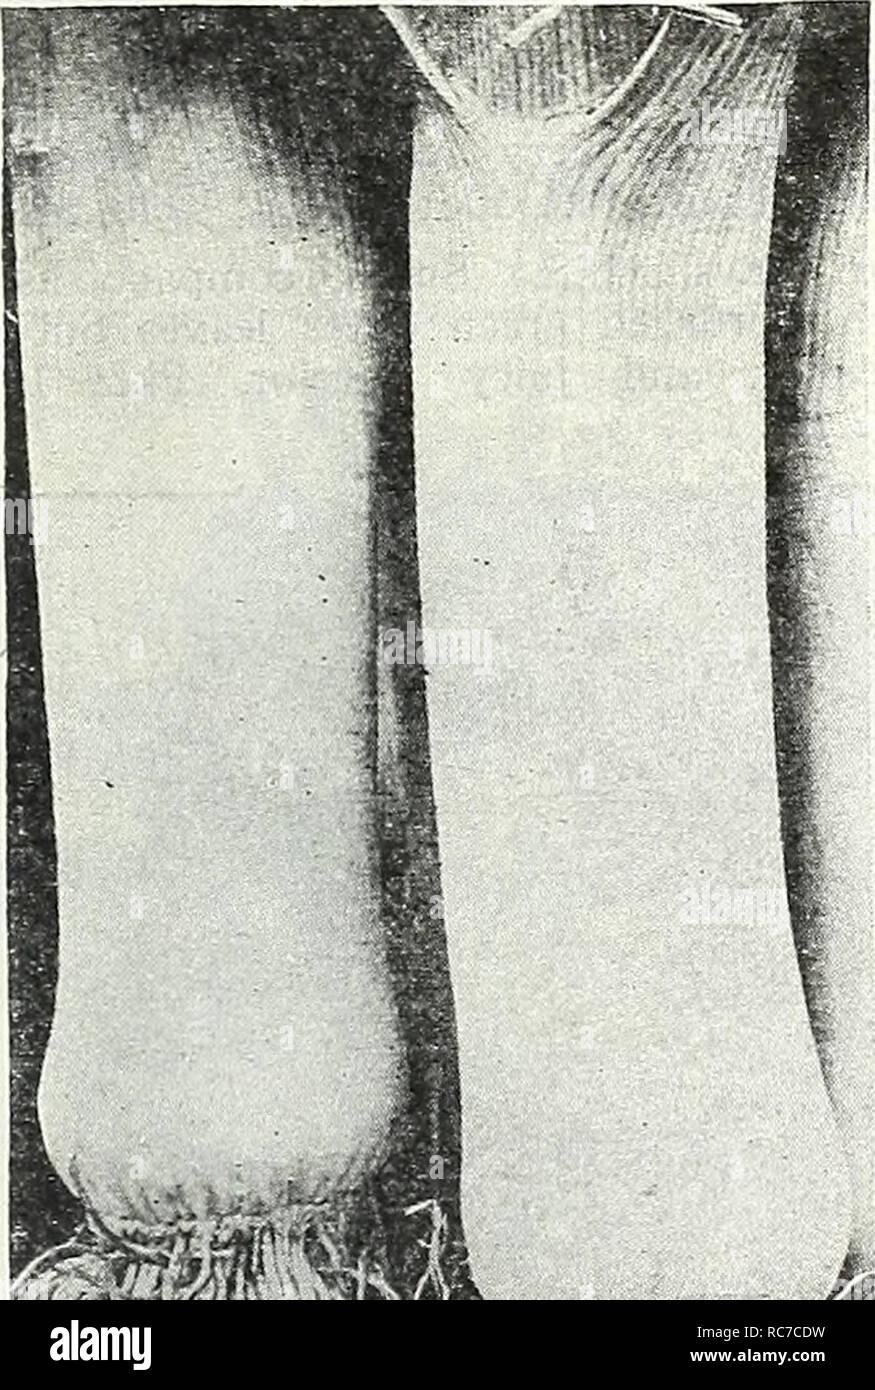 PISTONE HUSQVARNA 335 XTP